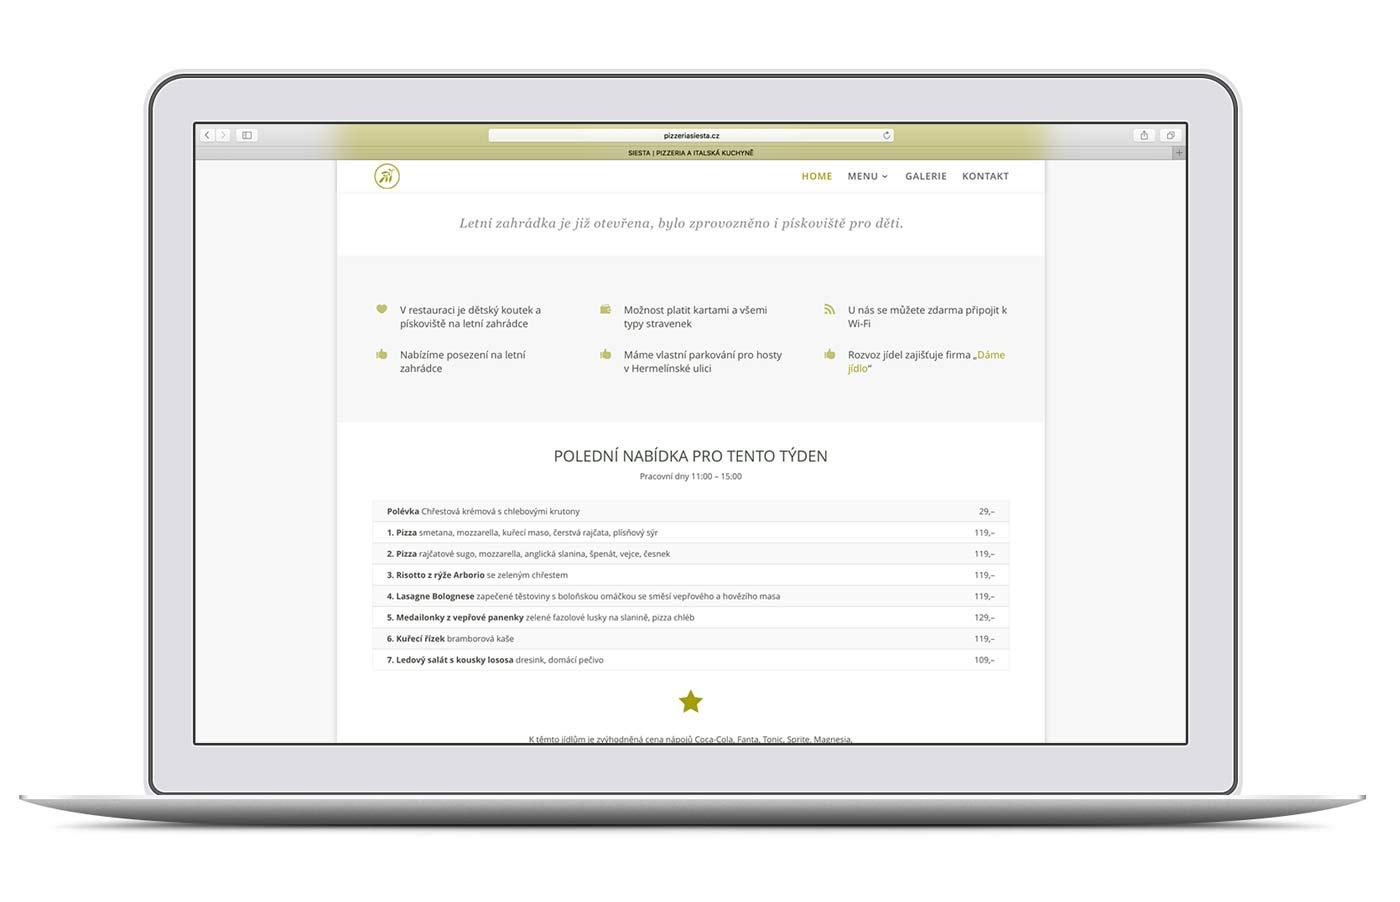 Restaurant Siesta Angebot auf einem iBook